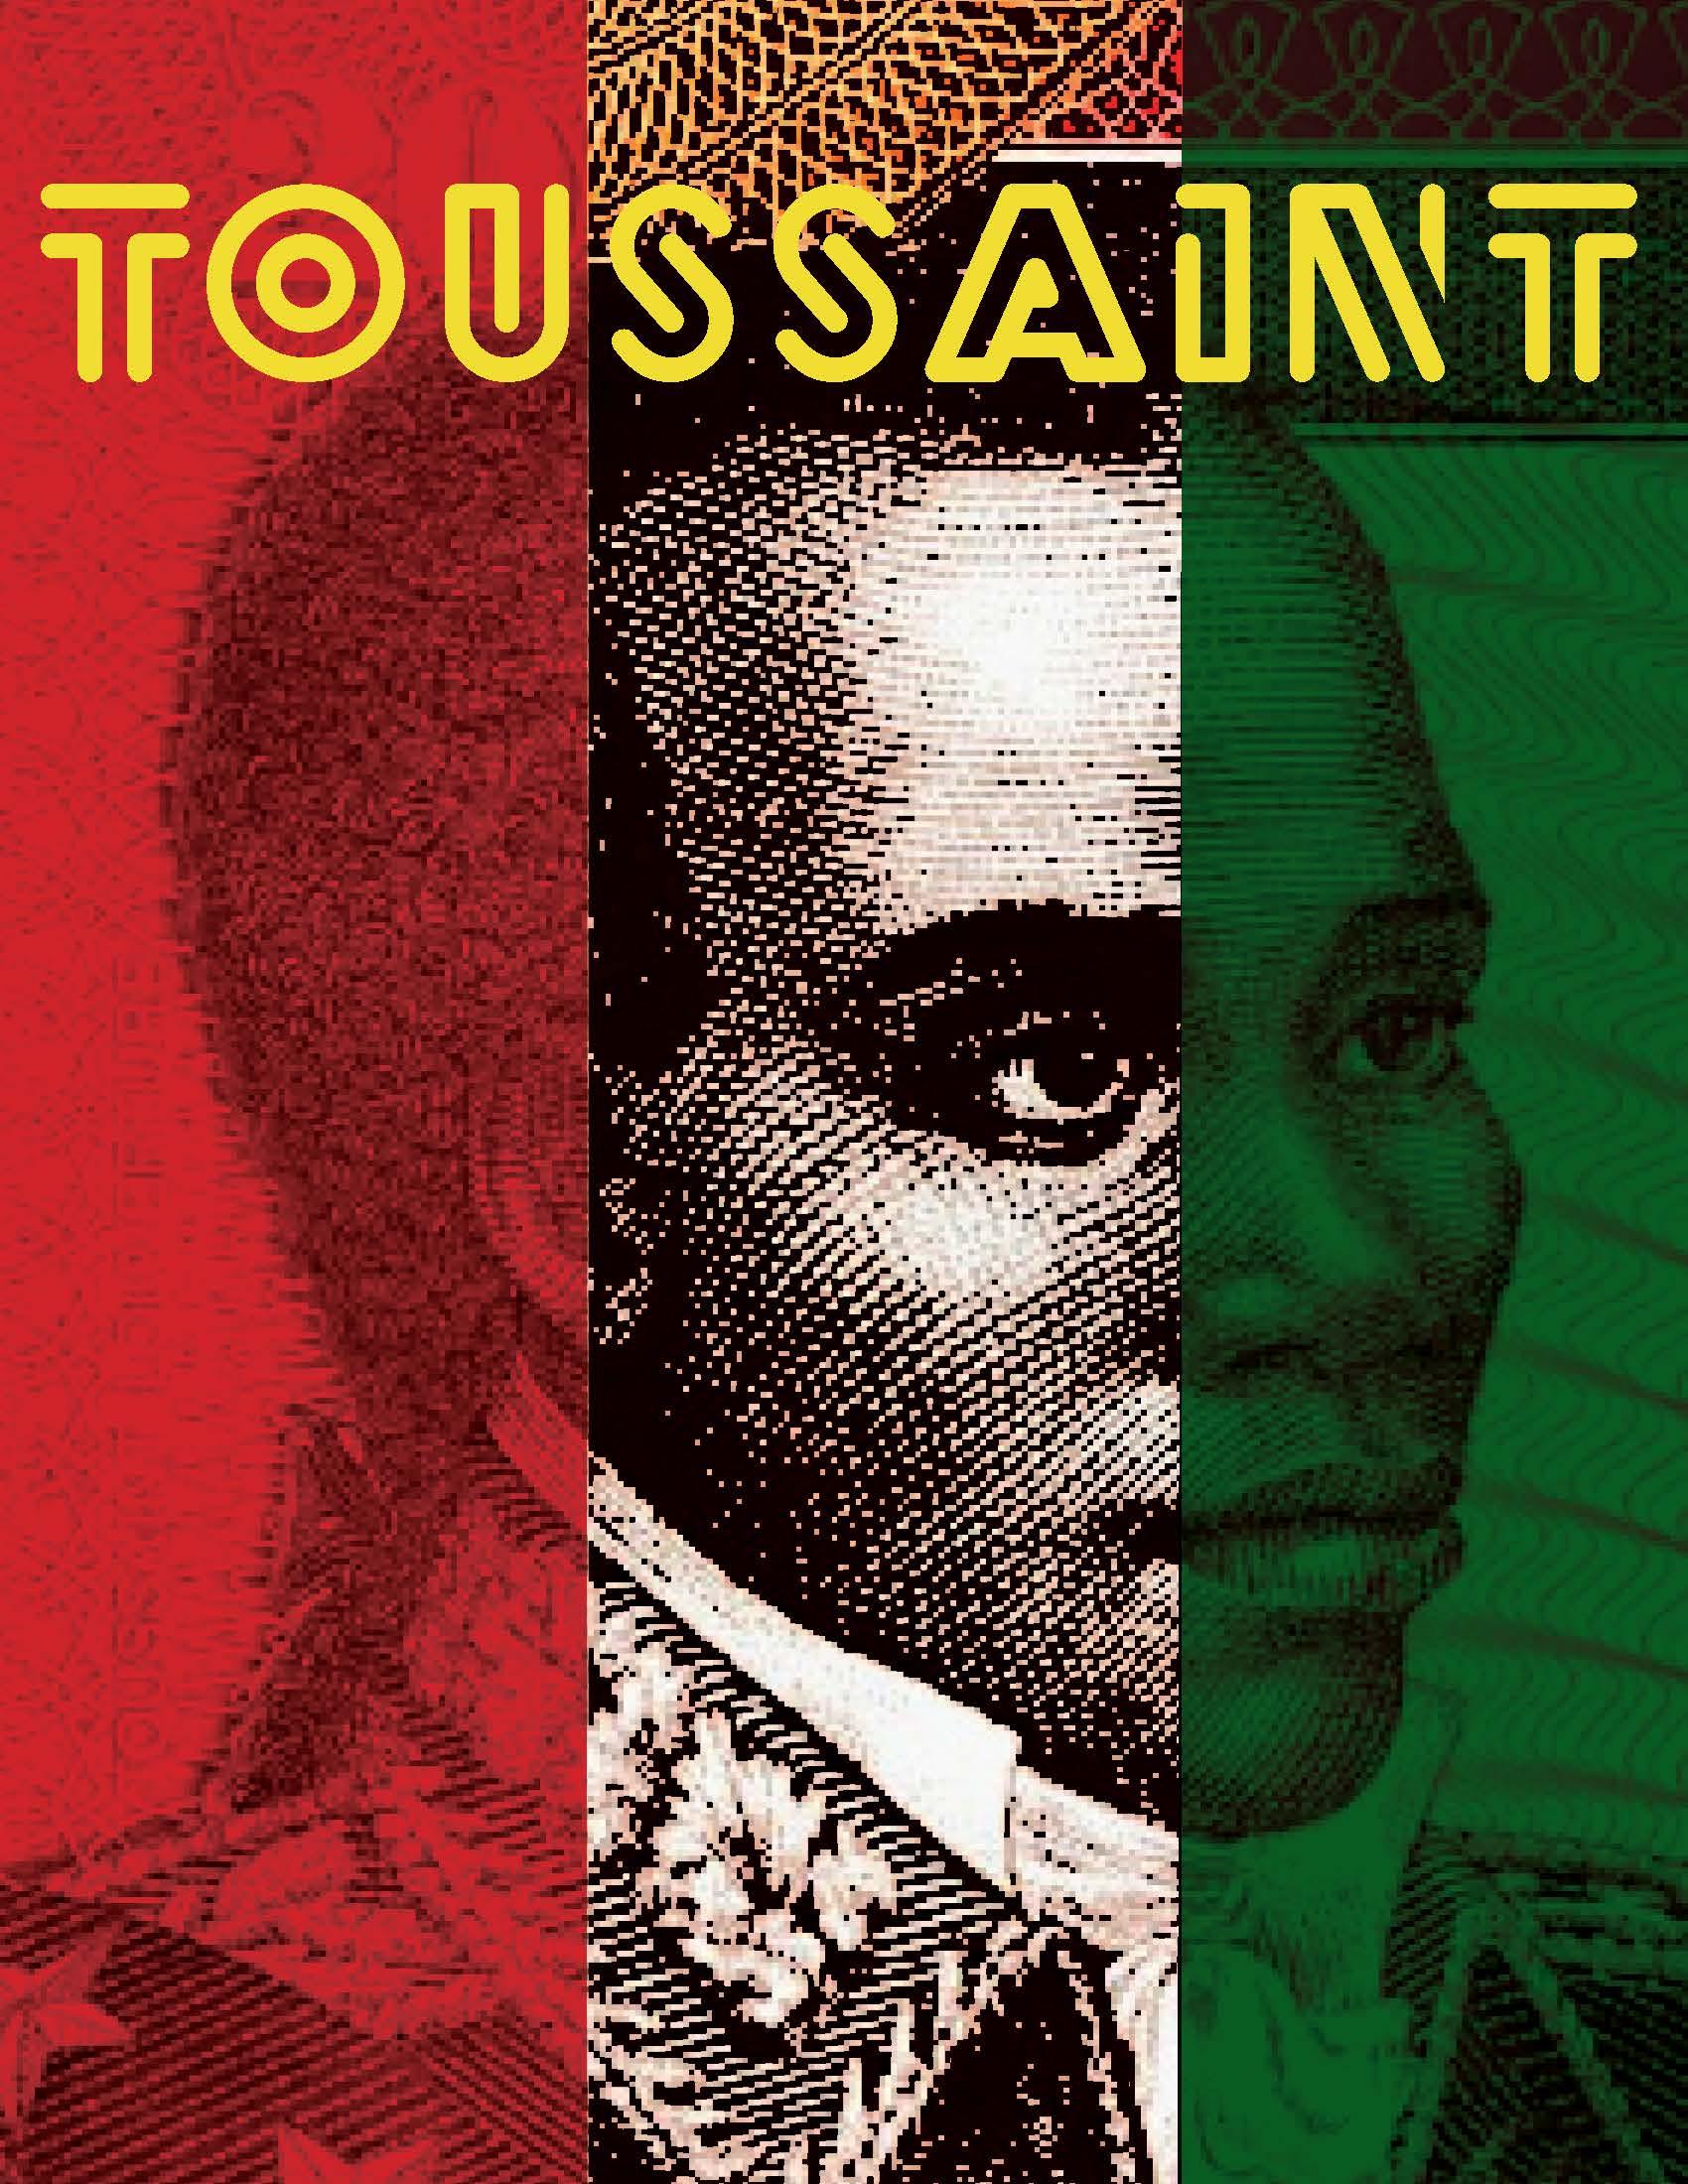 Toussaint Cover, 2